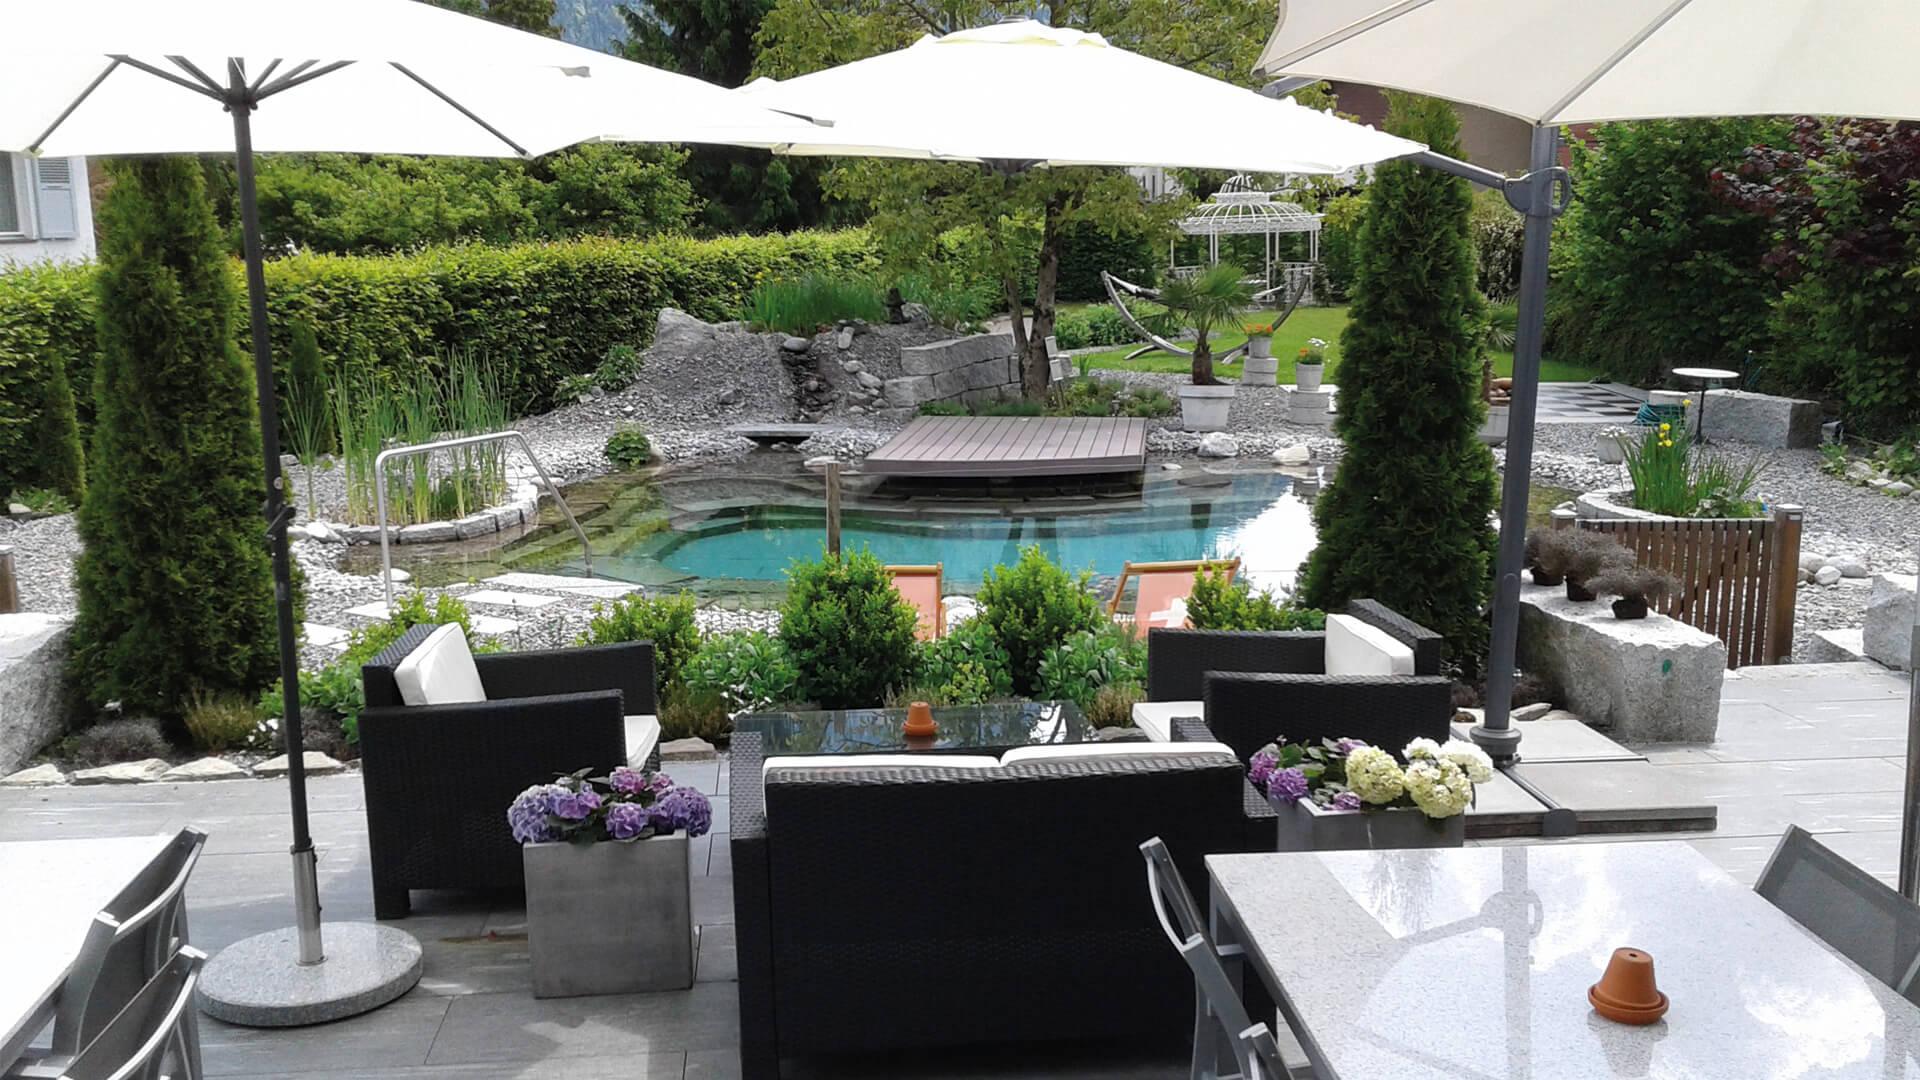 carlton-europe-hotel-pool-terasse